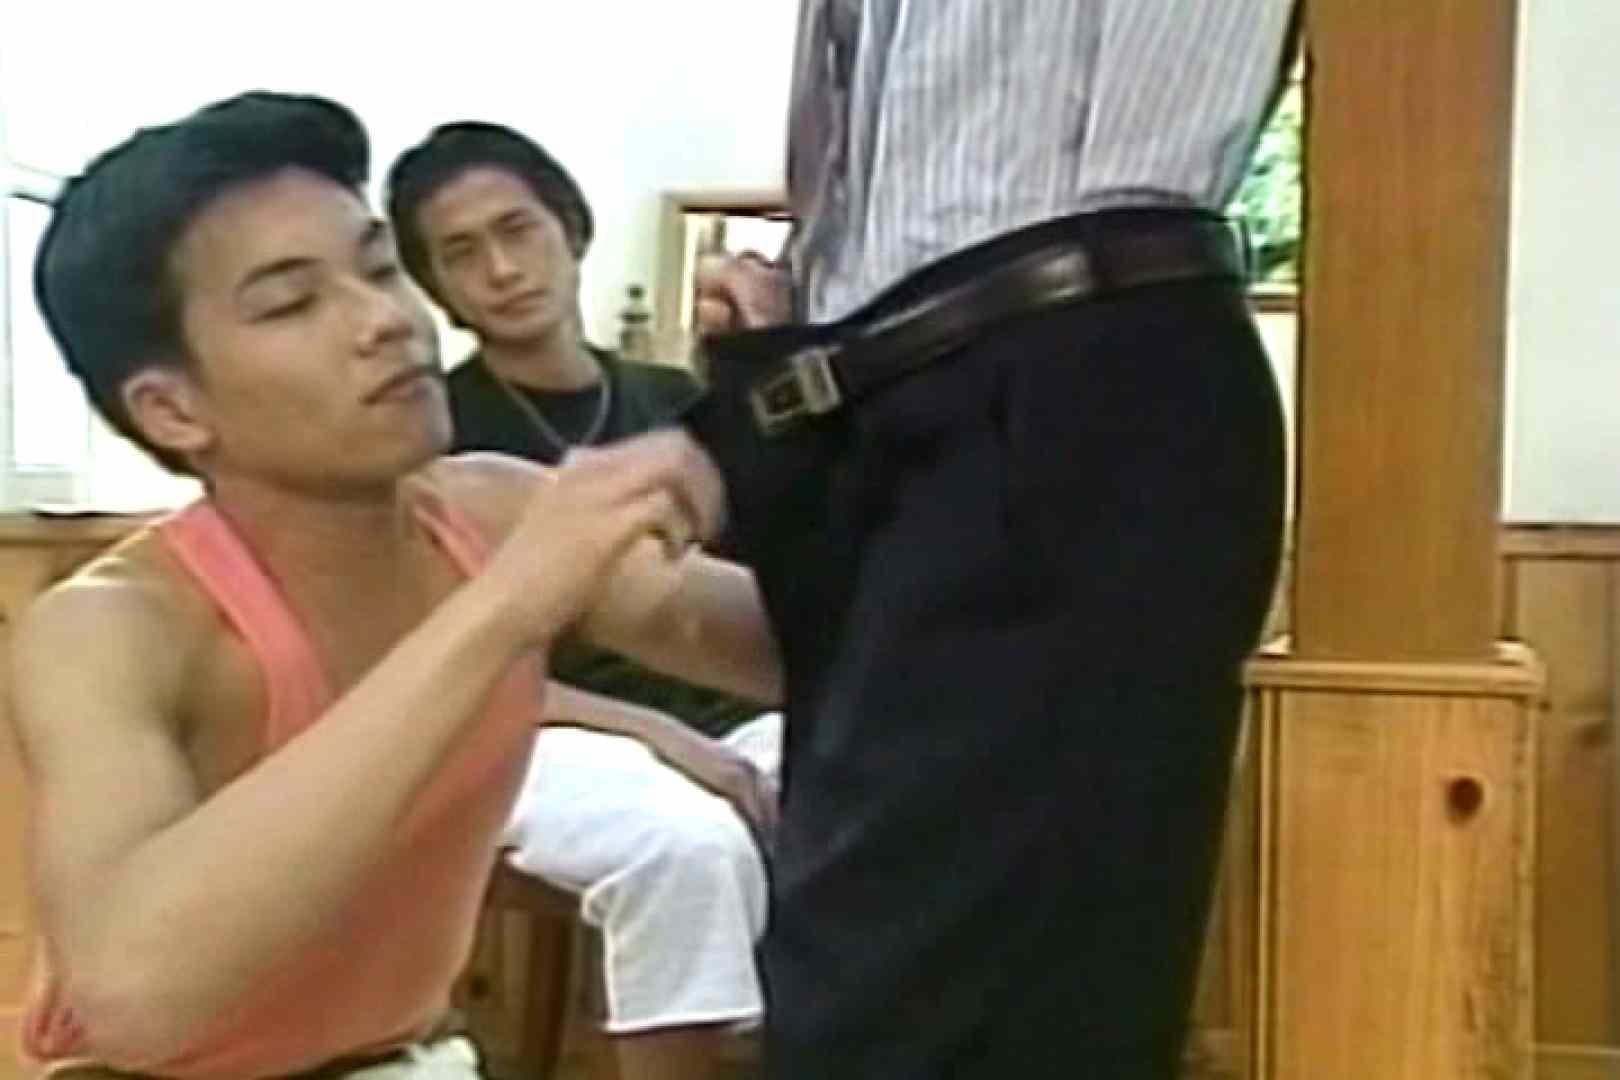 発掘!!あの頃の名作 Vol.03 スリム美少年系ジャニ系 ゲイセックス画像 94連発 56